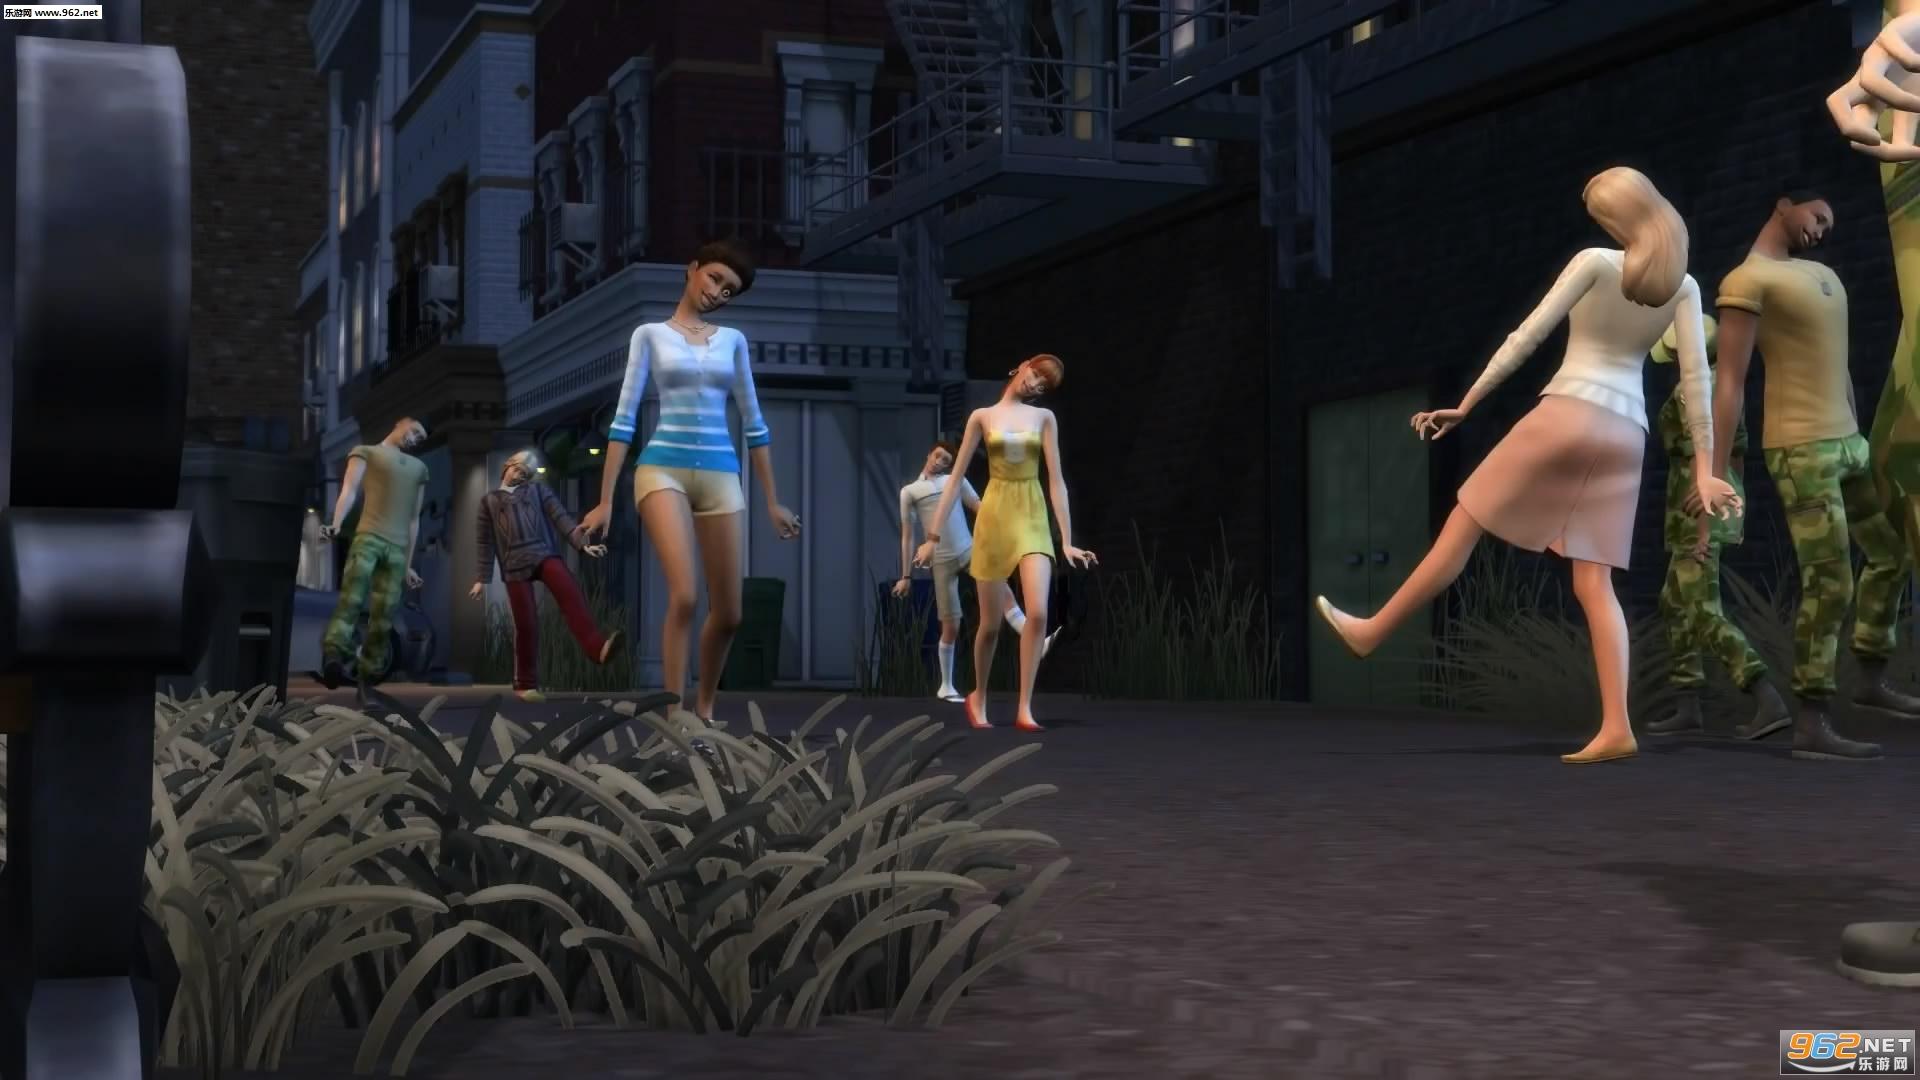 模拟人生4:诡奇小镇PC版截图3